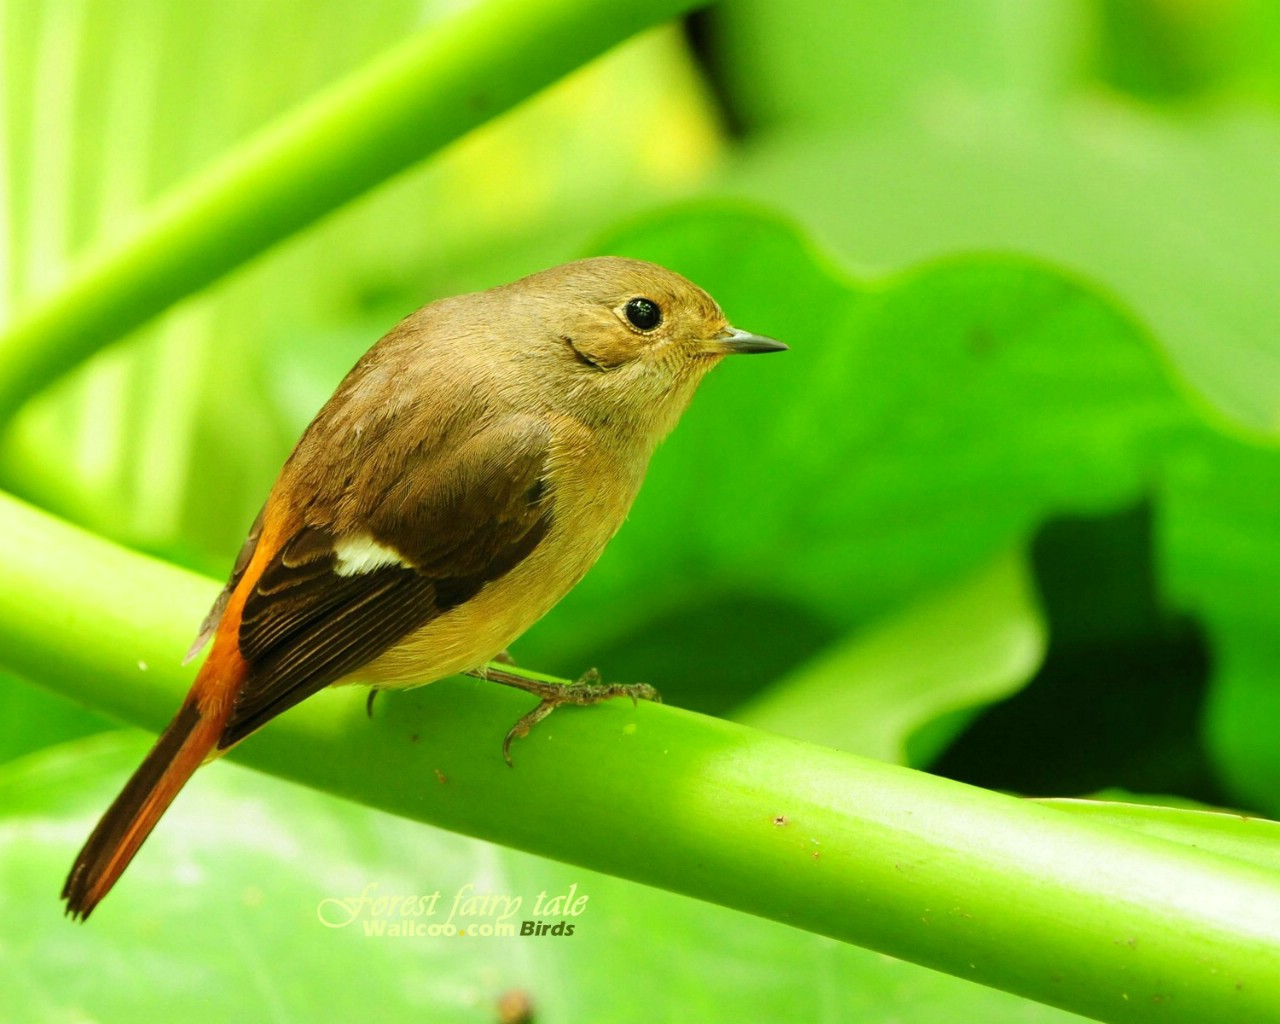 壁纸/树林里的小精灵 春天可爱小鸟壁纸 黄尾鸲灵气小鸟图片壁纸